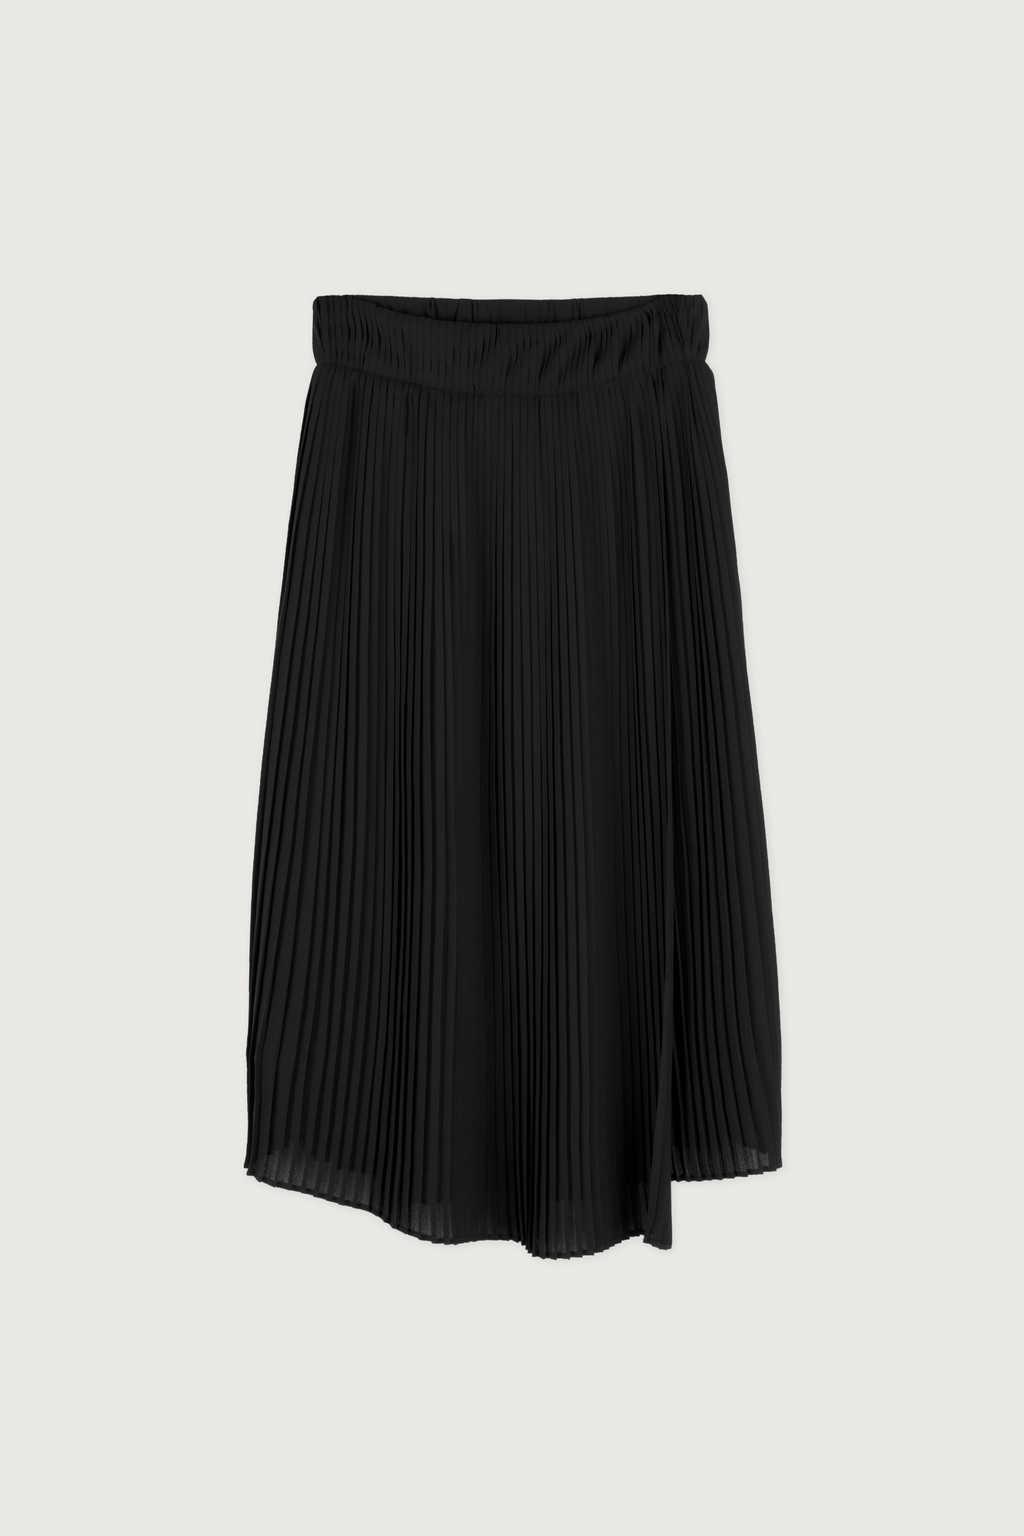 Skirt 3078 Black 11